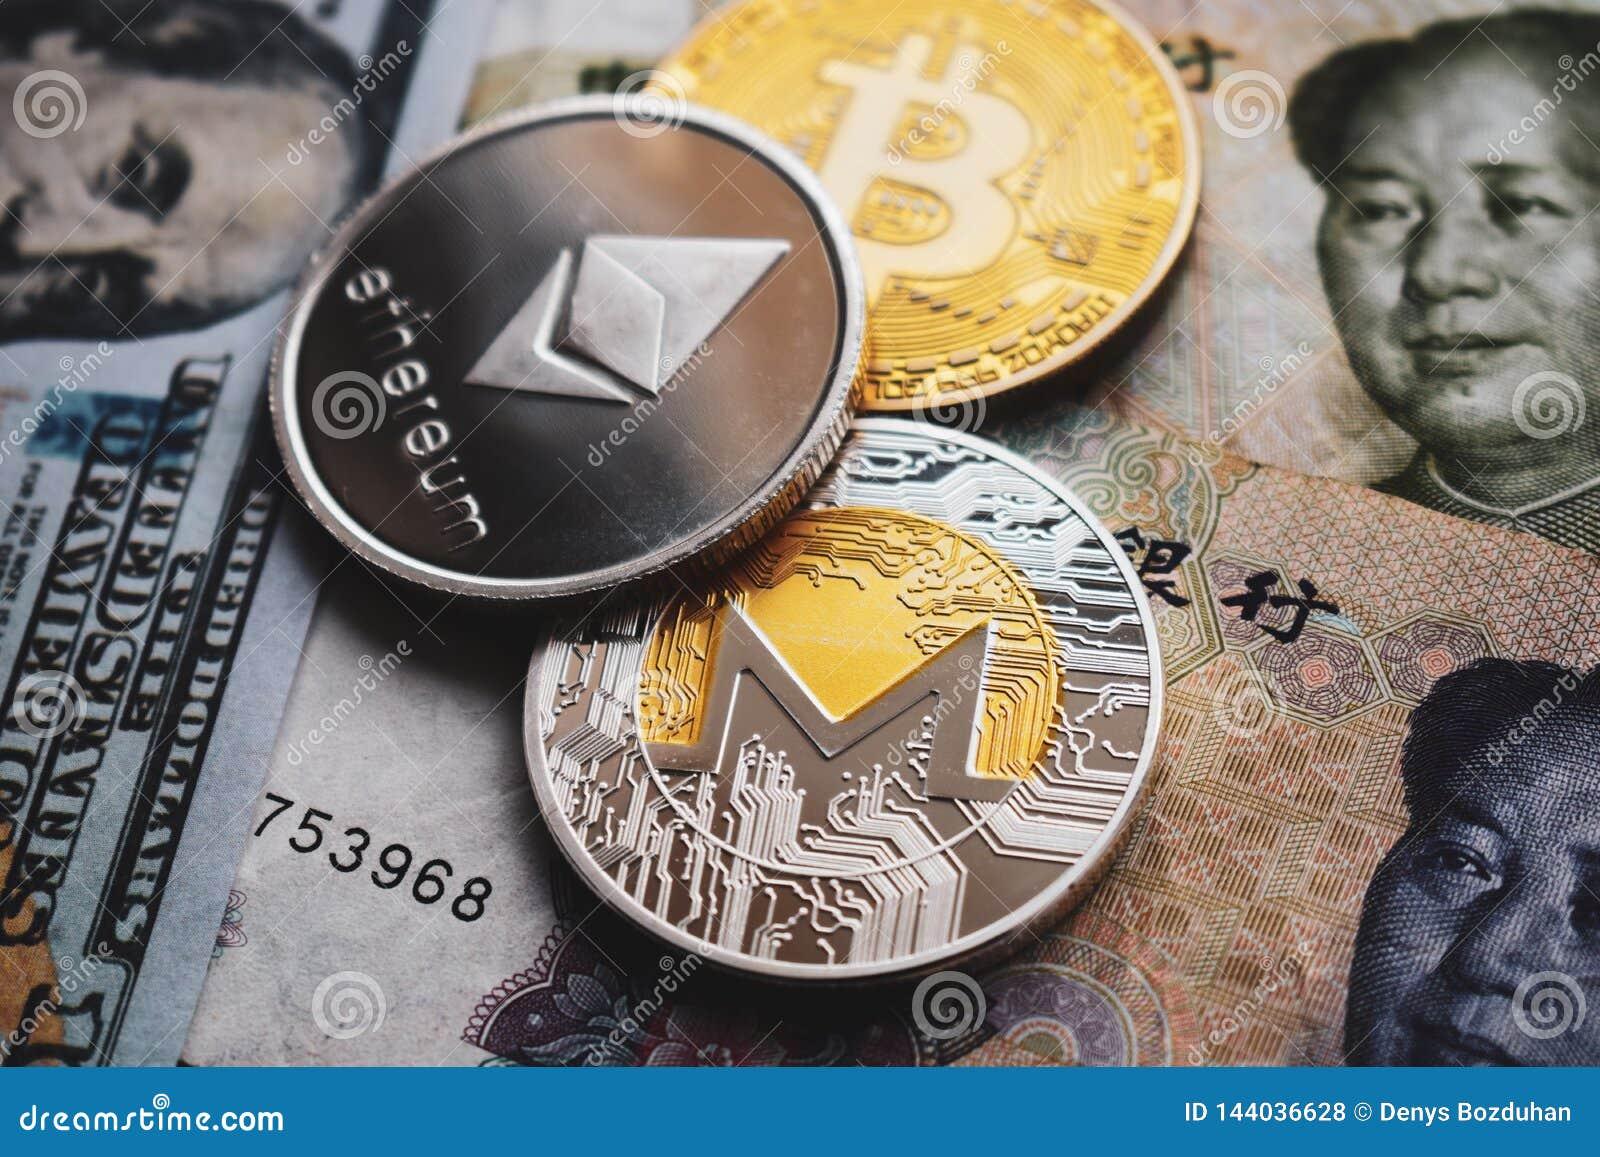 btc xmr einstein bitcoin apk